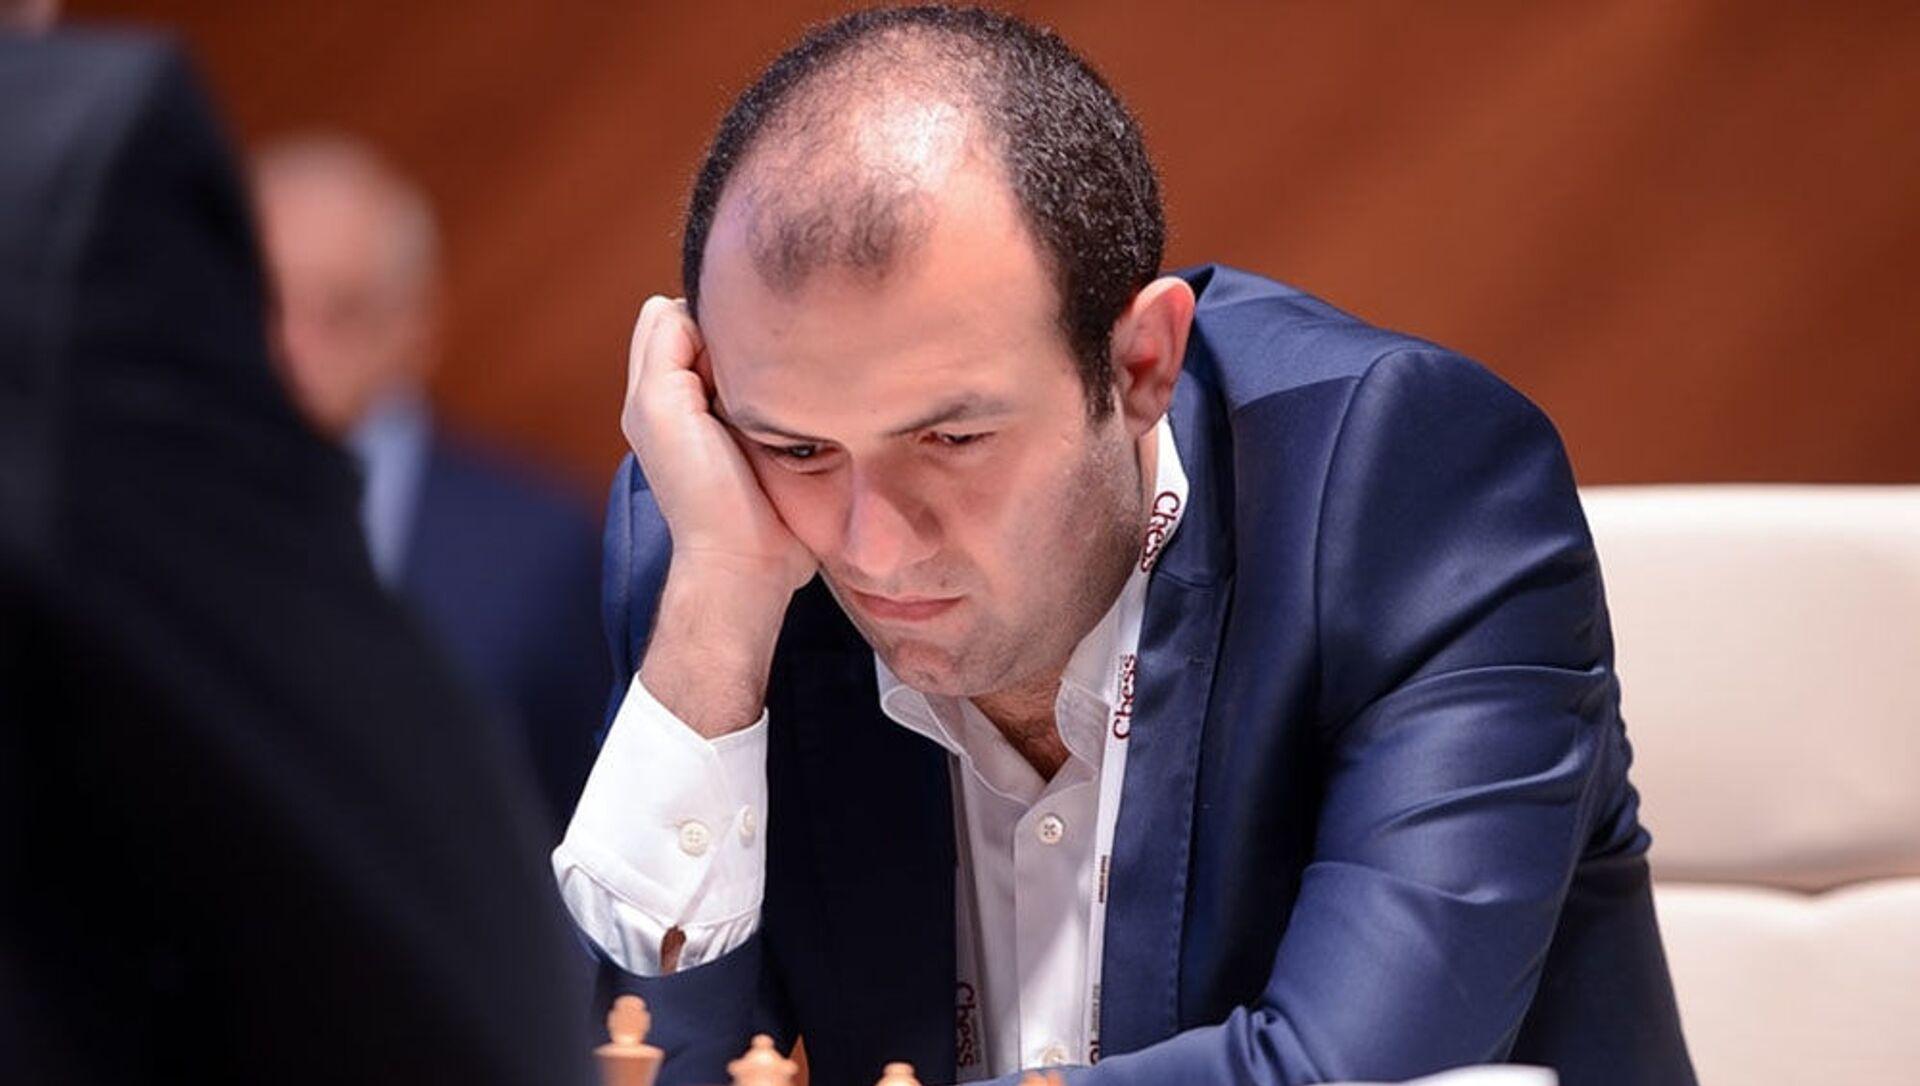 Азербайджанский гроссмейстер Рауф Мамедов, фото из архива - Sputnik Азербайджан, 1920, 04.04.2021